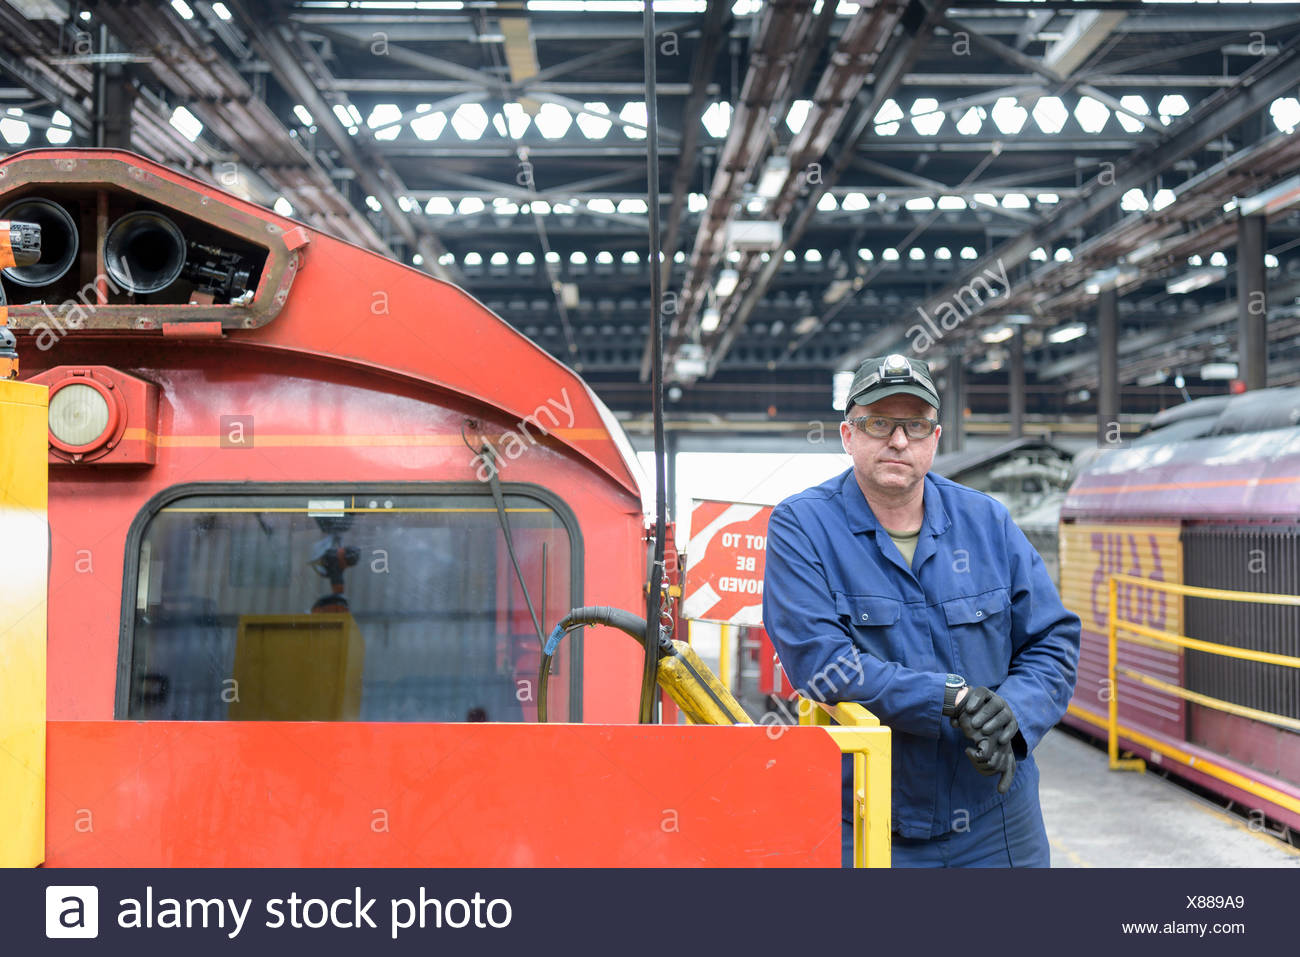 Ritratto di locomotiva ingegnere in treno funziona Immagini Stock